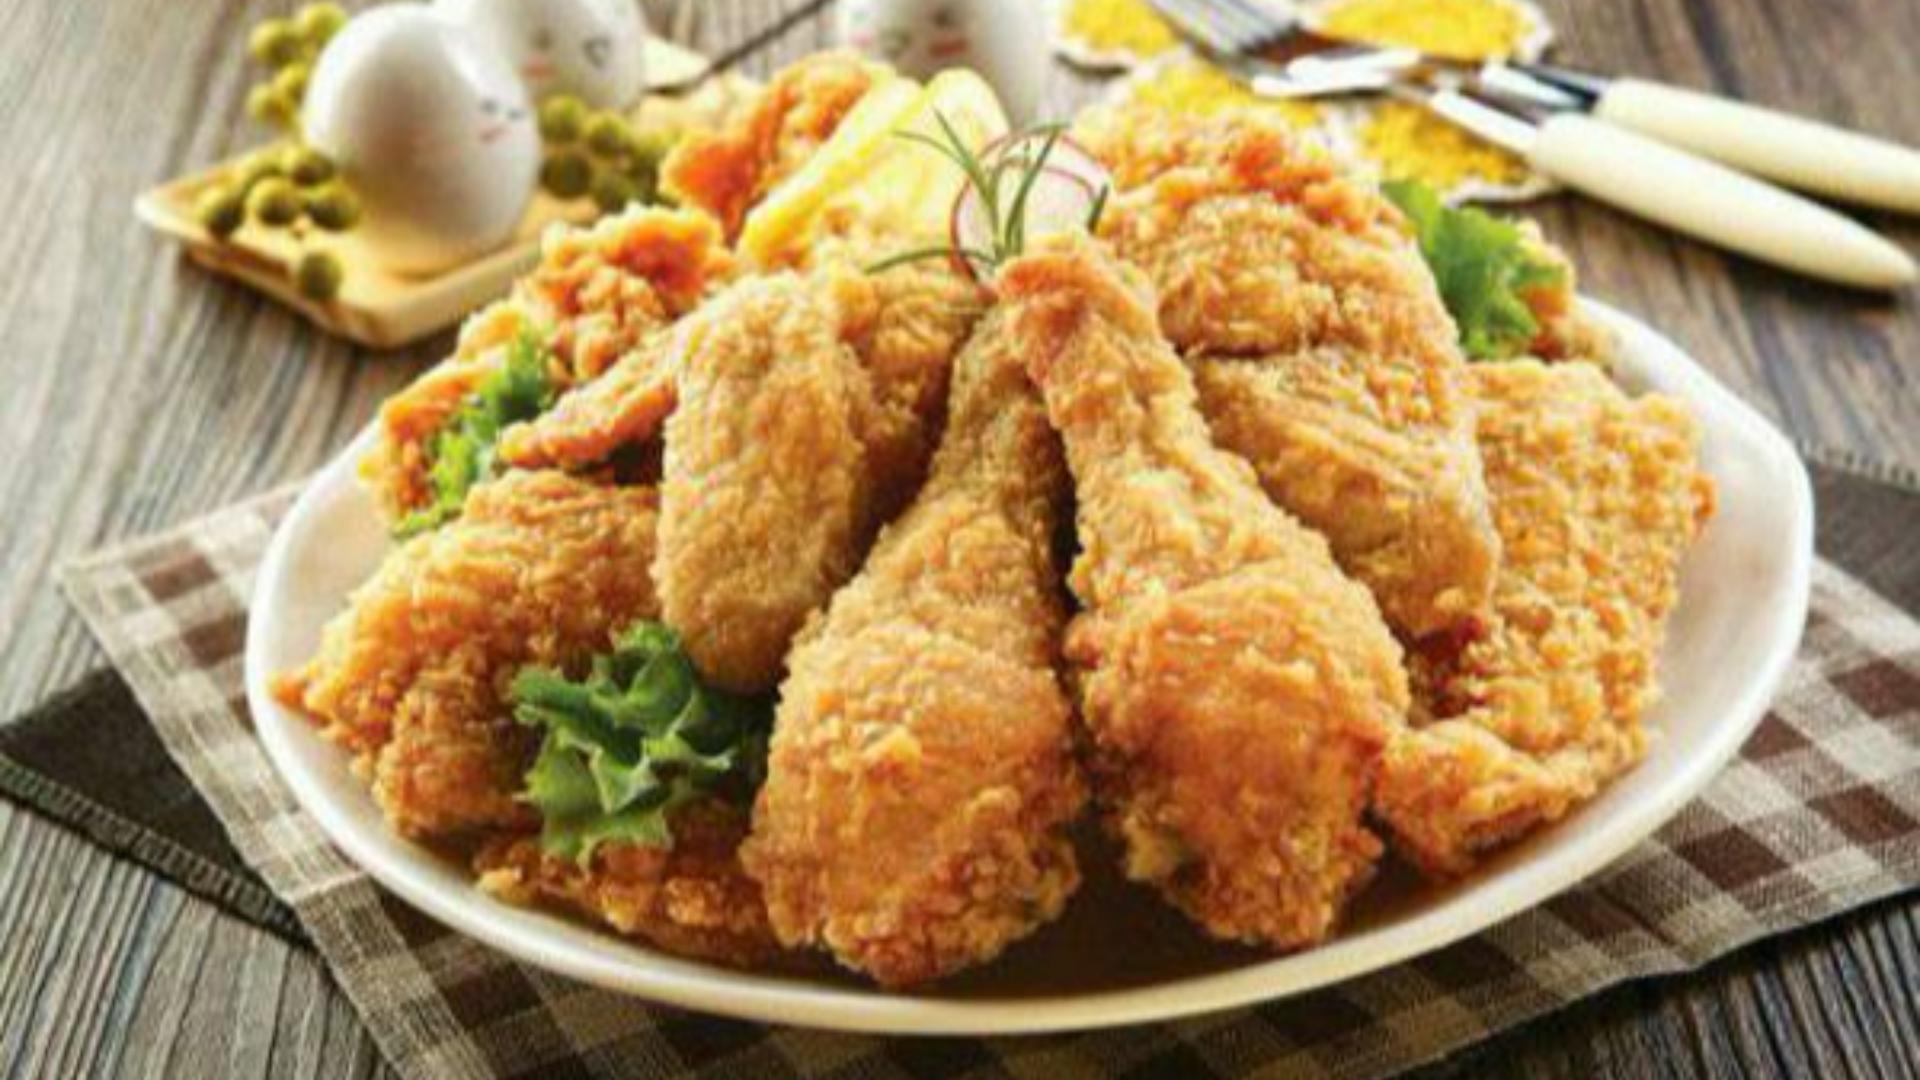 """【八景】美食小盘点之""""吃炸鸡"""":看完《家有儿女》就想吃炸鸡"""